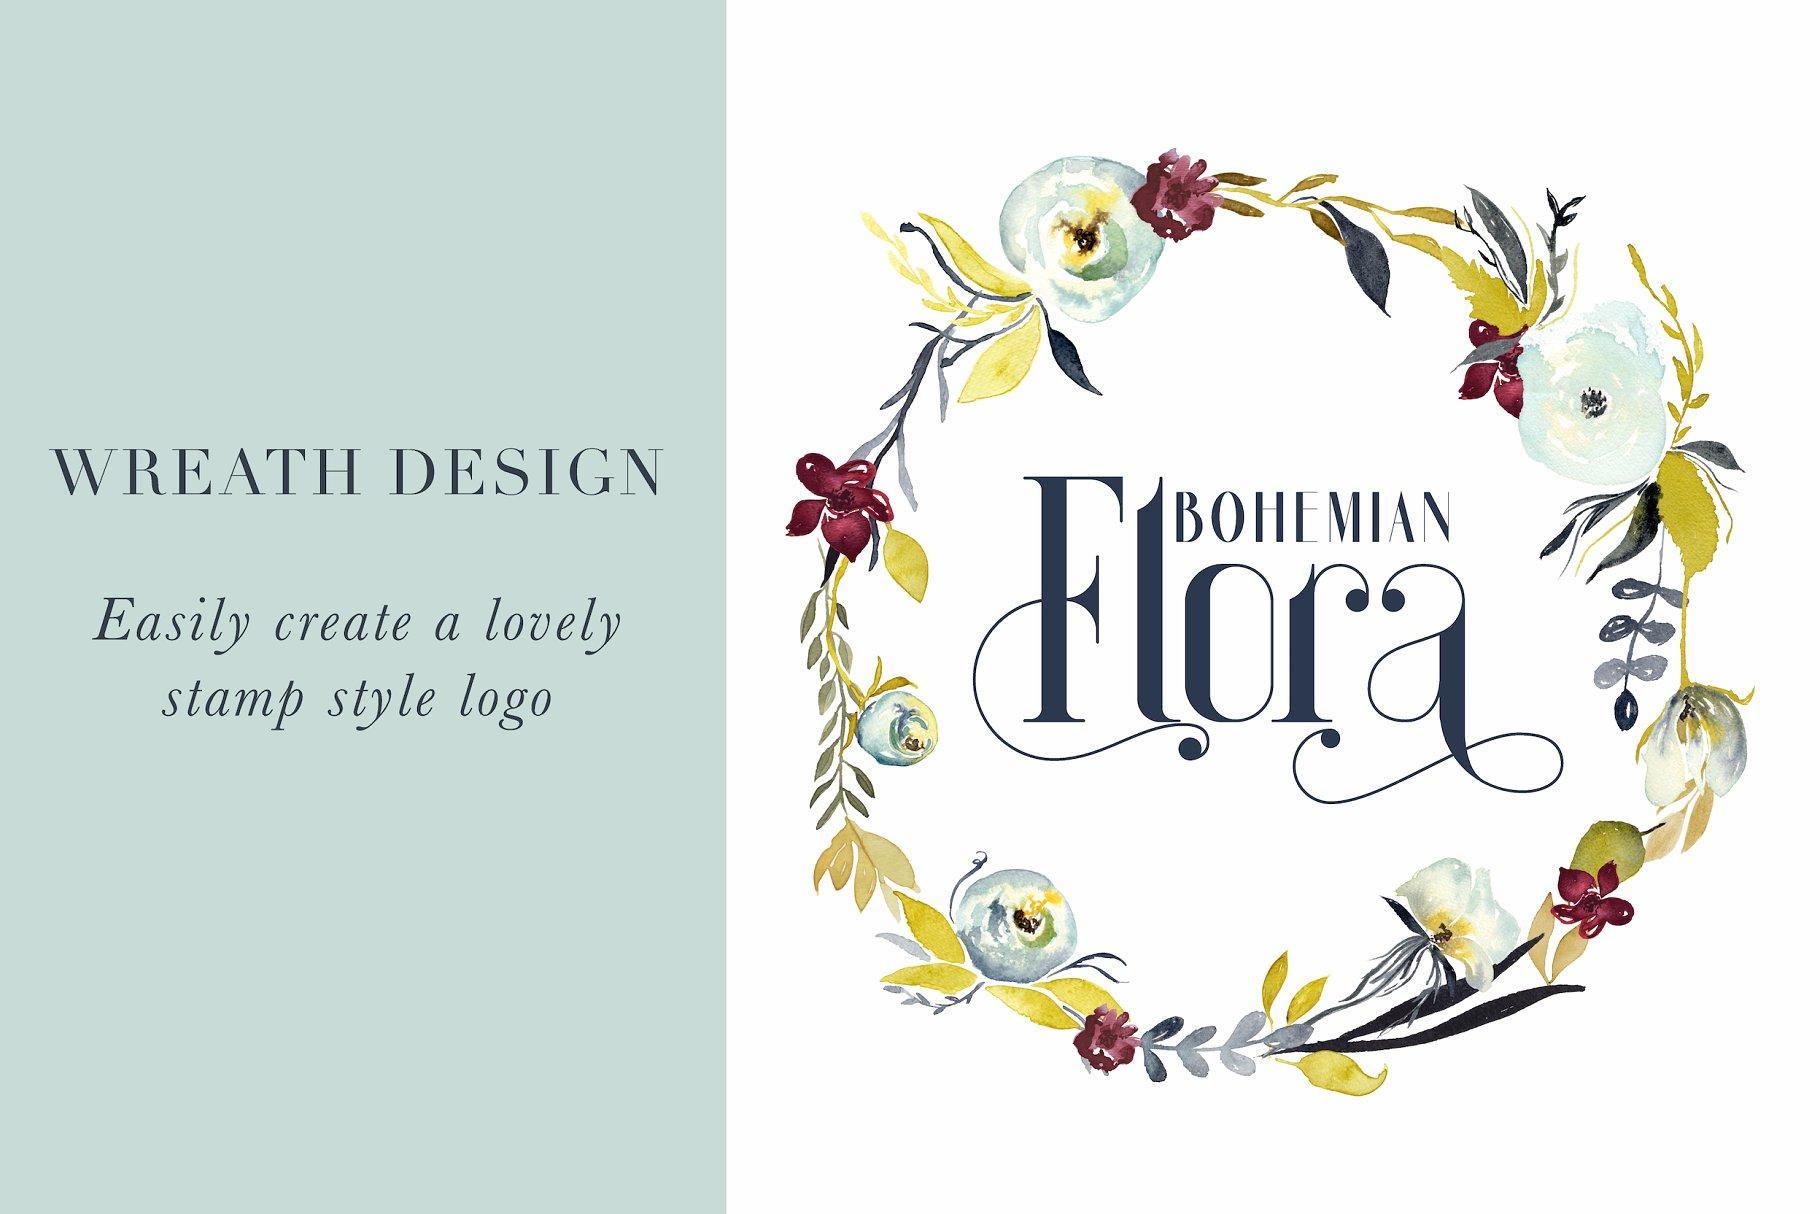 bohemian-flora-03-.jpg